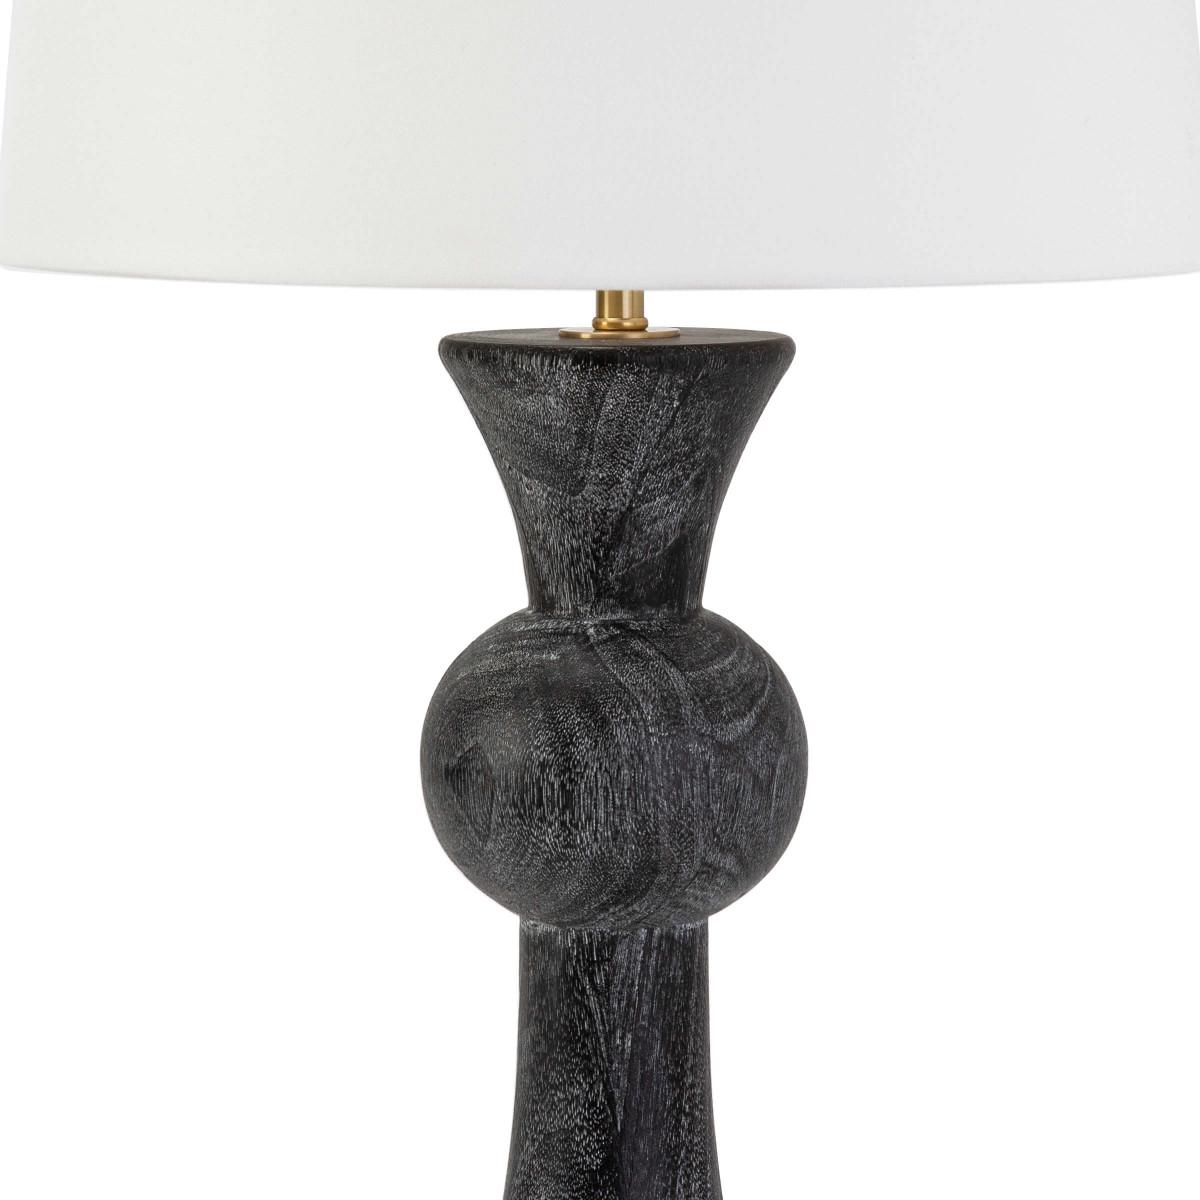 Vaughn Wood Table Lamp